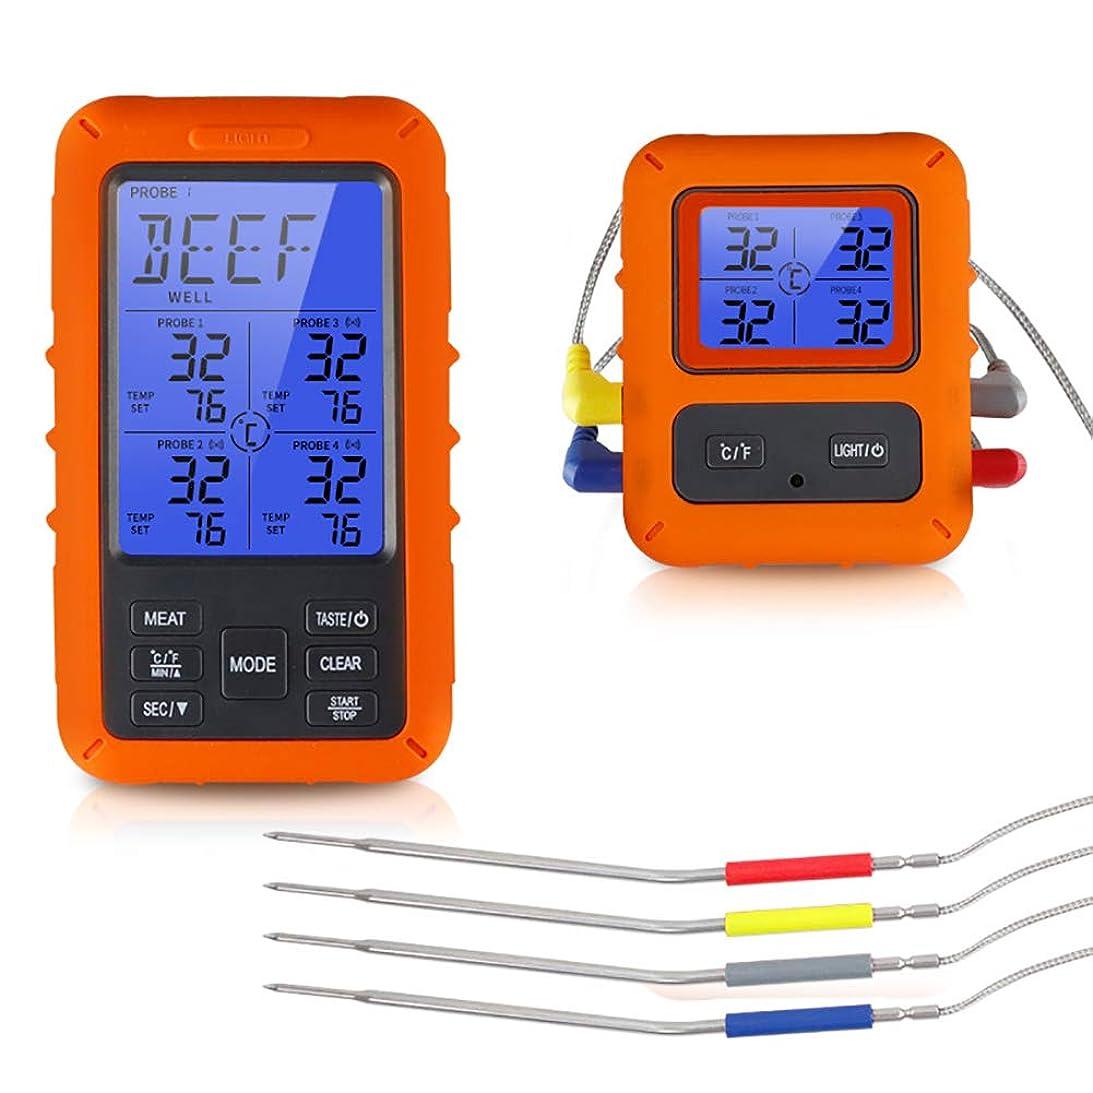 責任篭蓋防水BBQオーブン肉グリル温度計タイマーのアラームを調理調理温度計、無線電子デジタルディスプレイバックライト食品